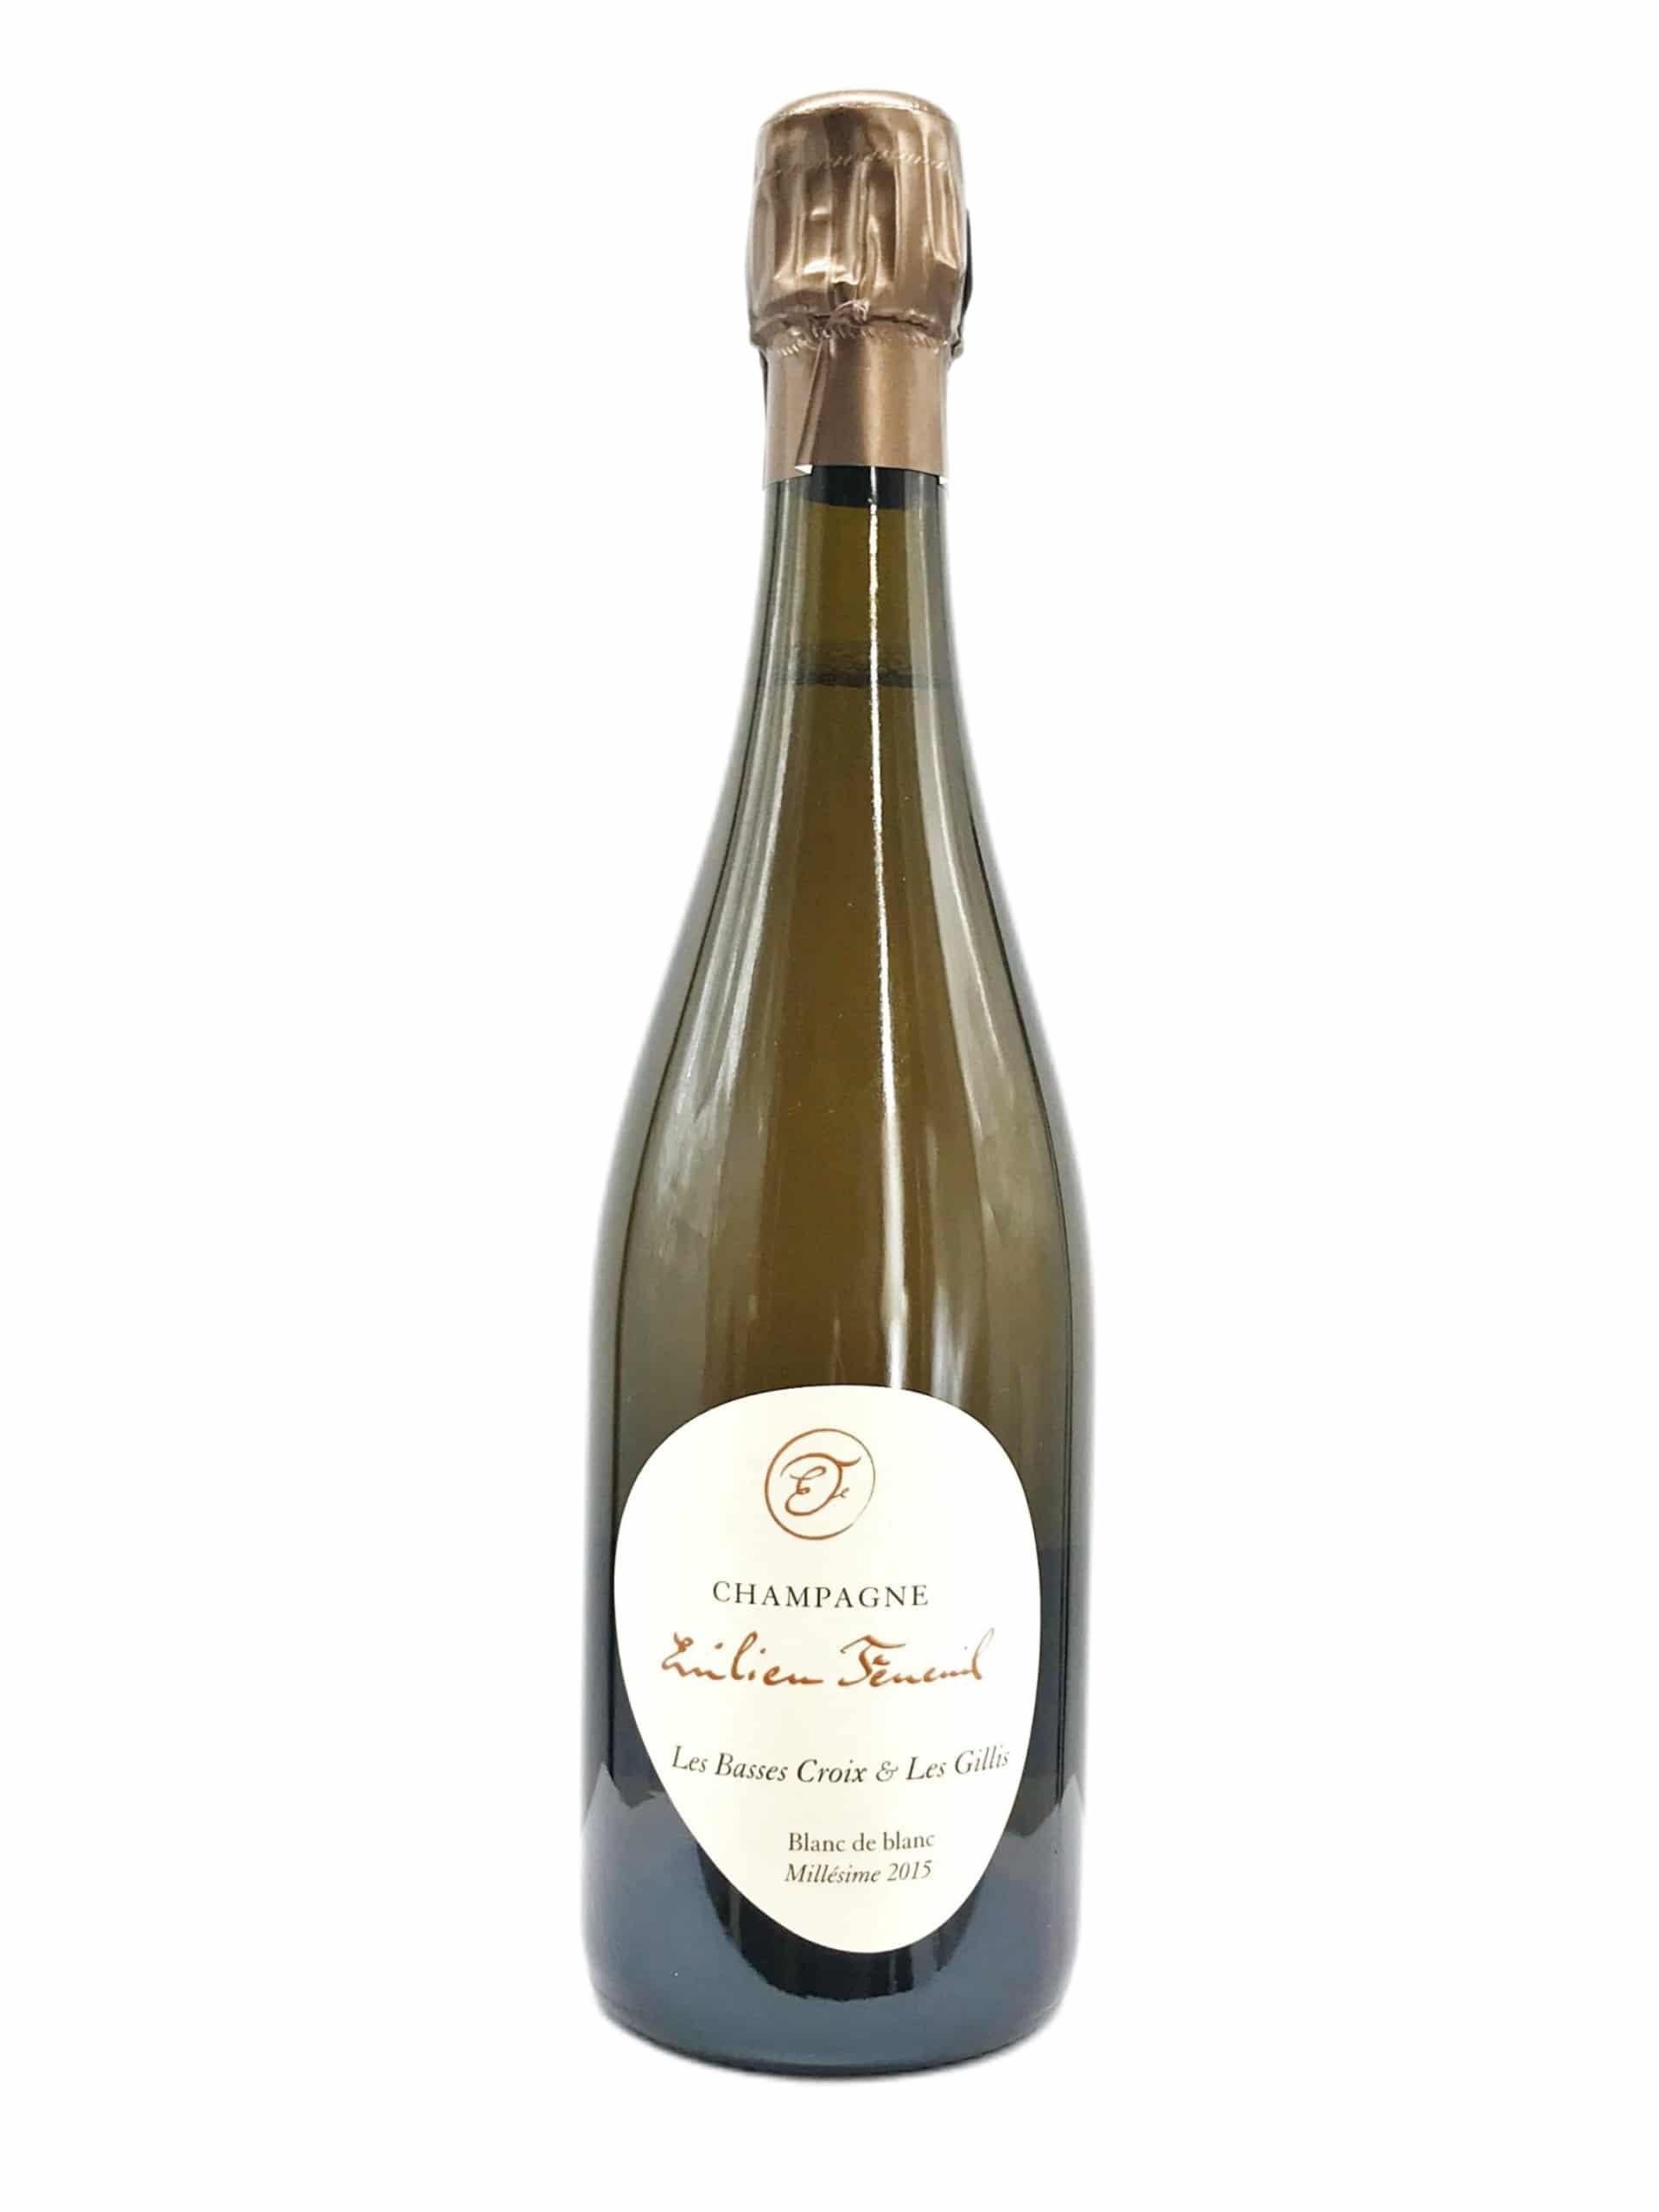 Champagne Emilien Feneuil Les Basses Croix & Les Gillis